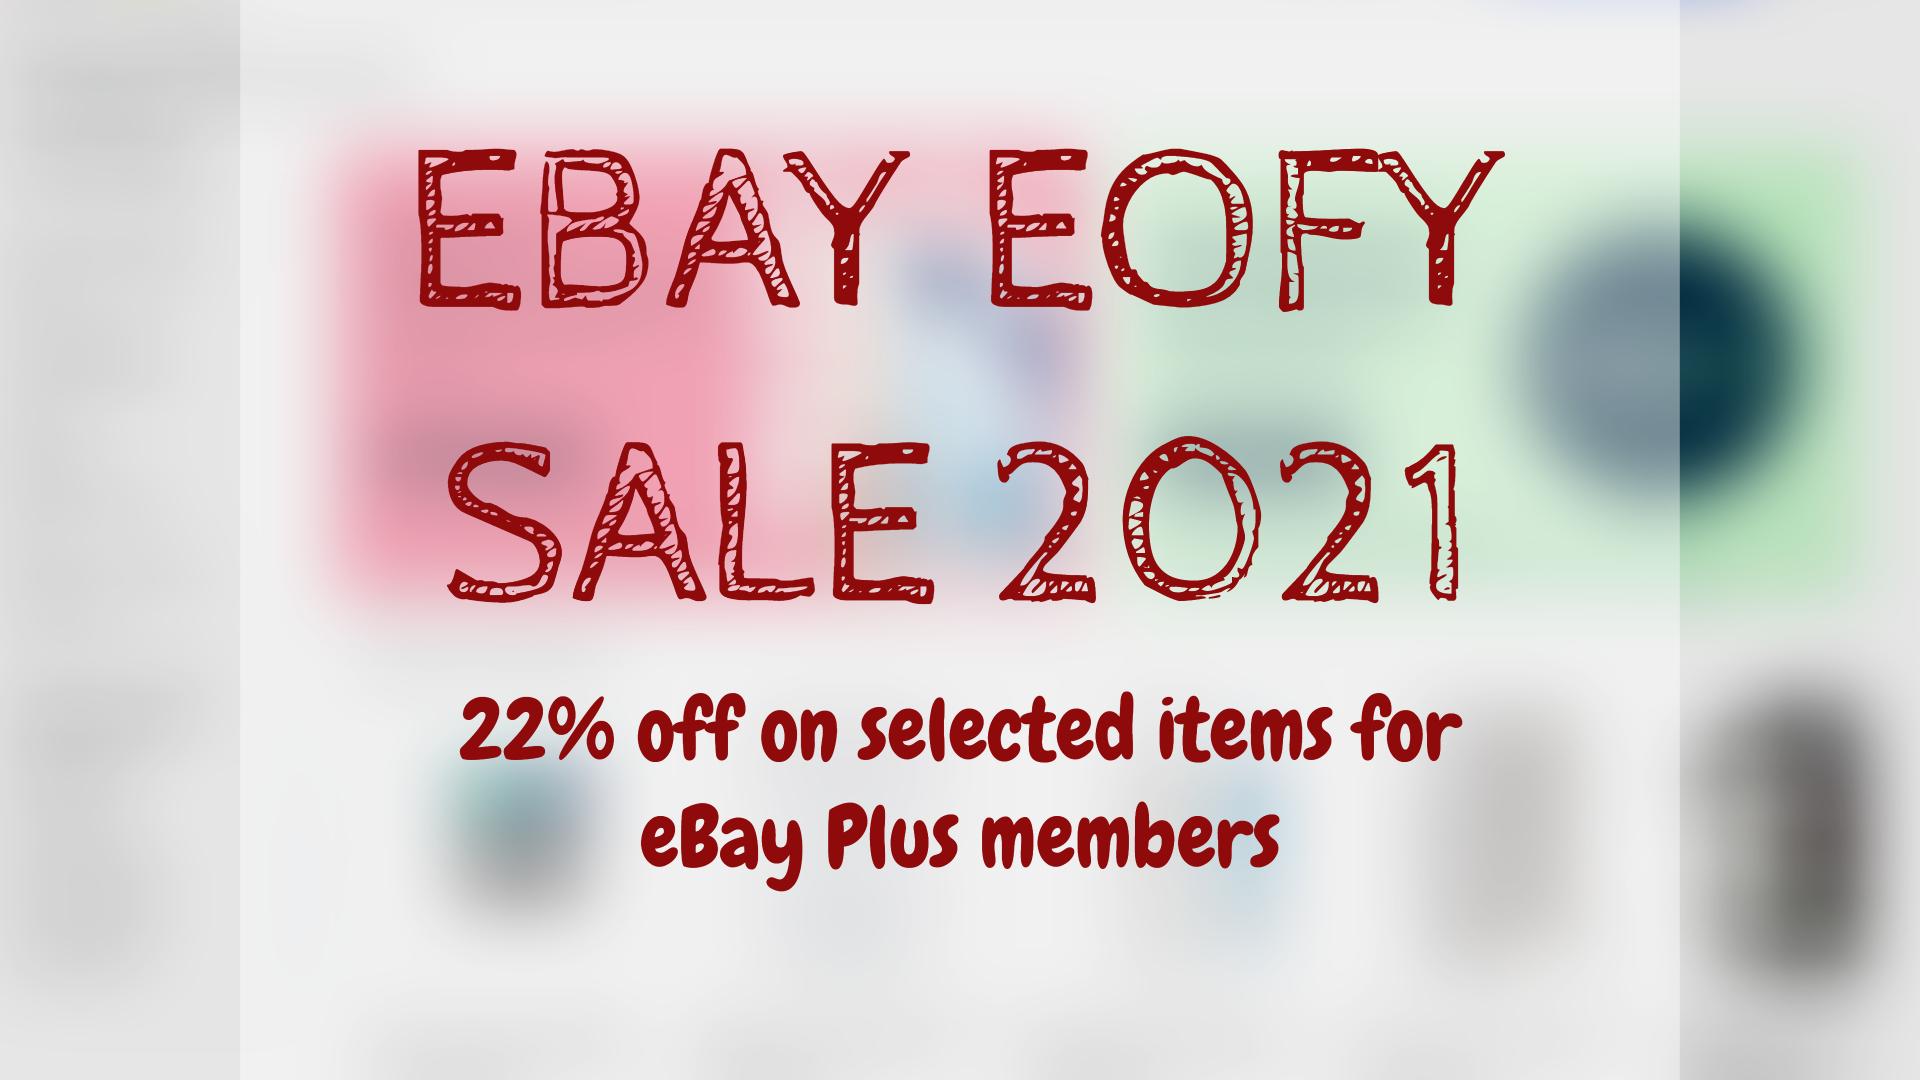 EBAY EOFY SALE 2021